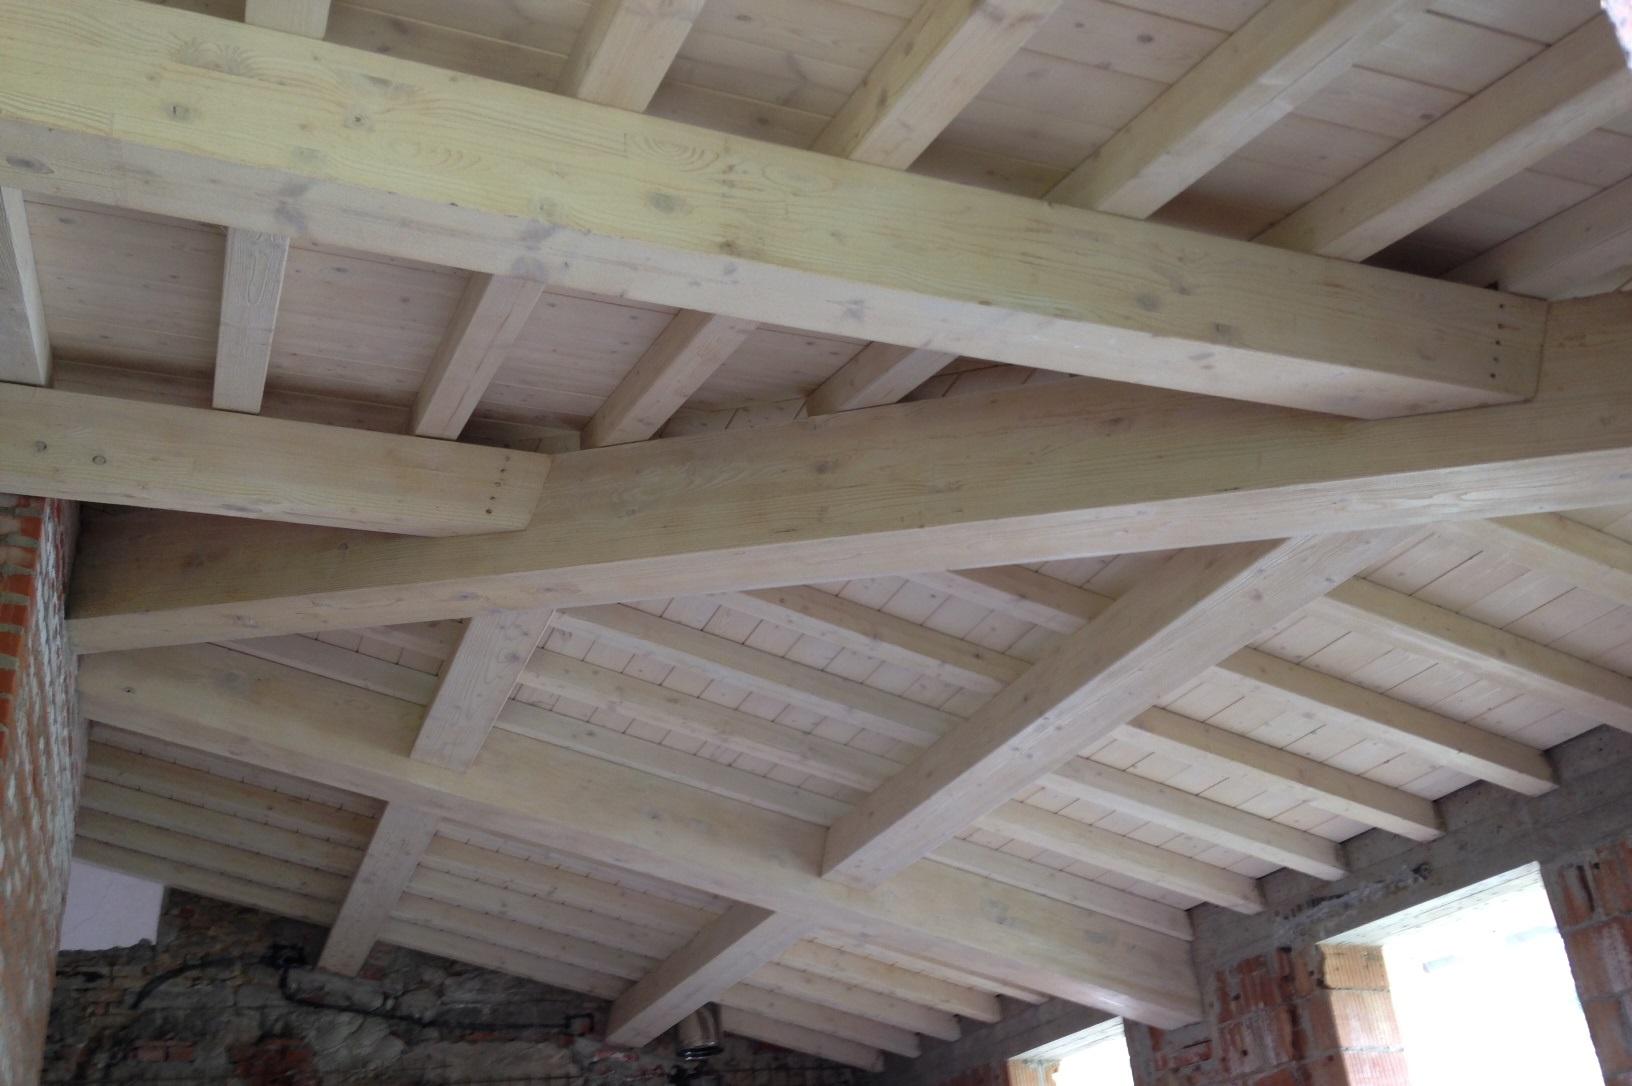 Amazing tetto in legno bianco with tetto in legno bianco - Tetto in legno bianco ...